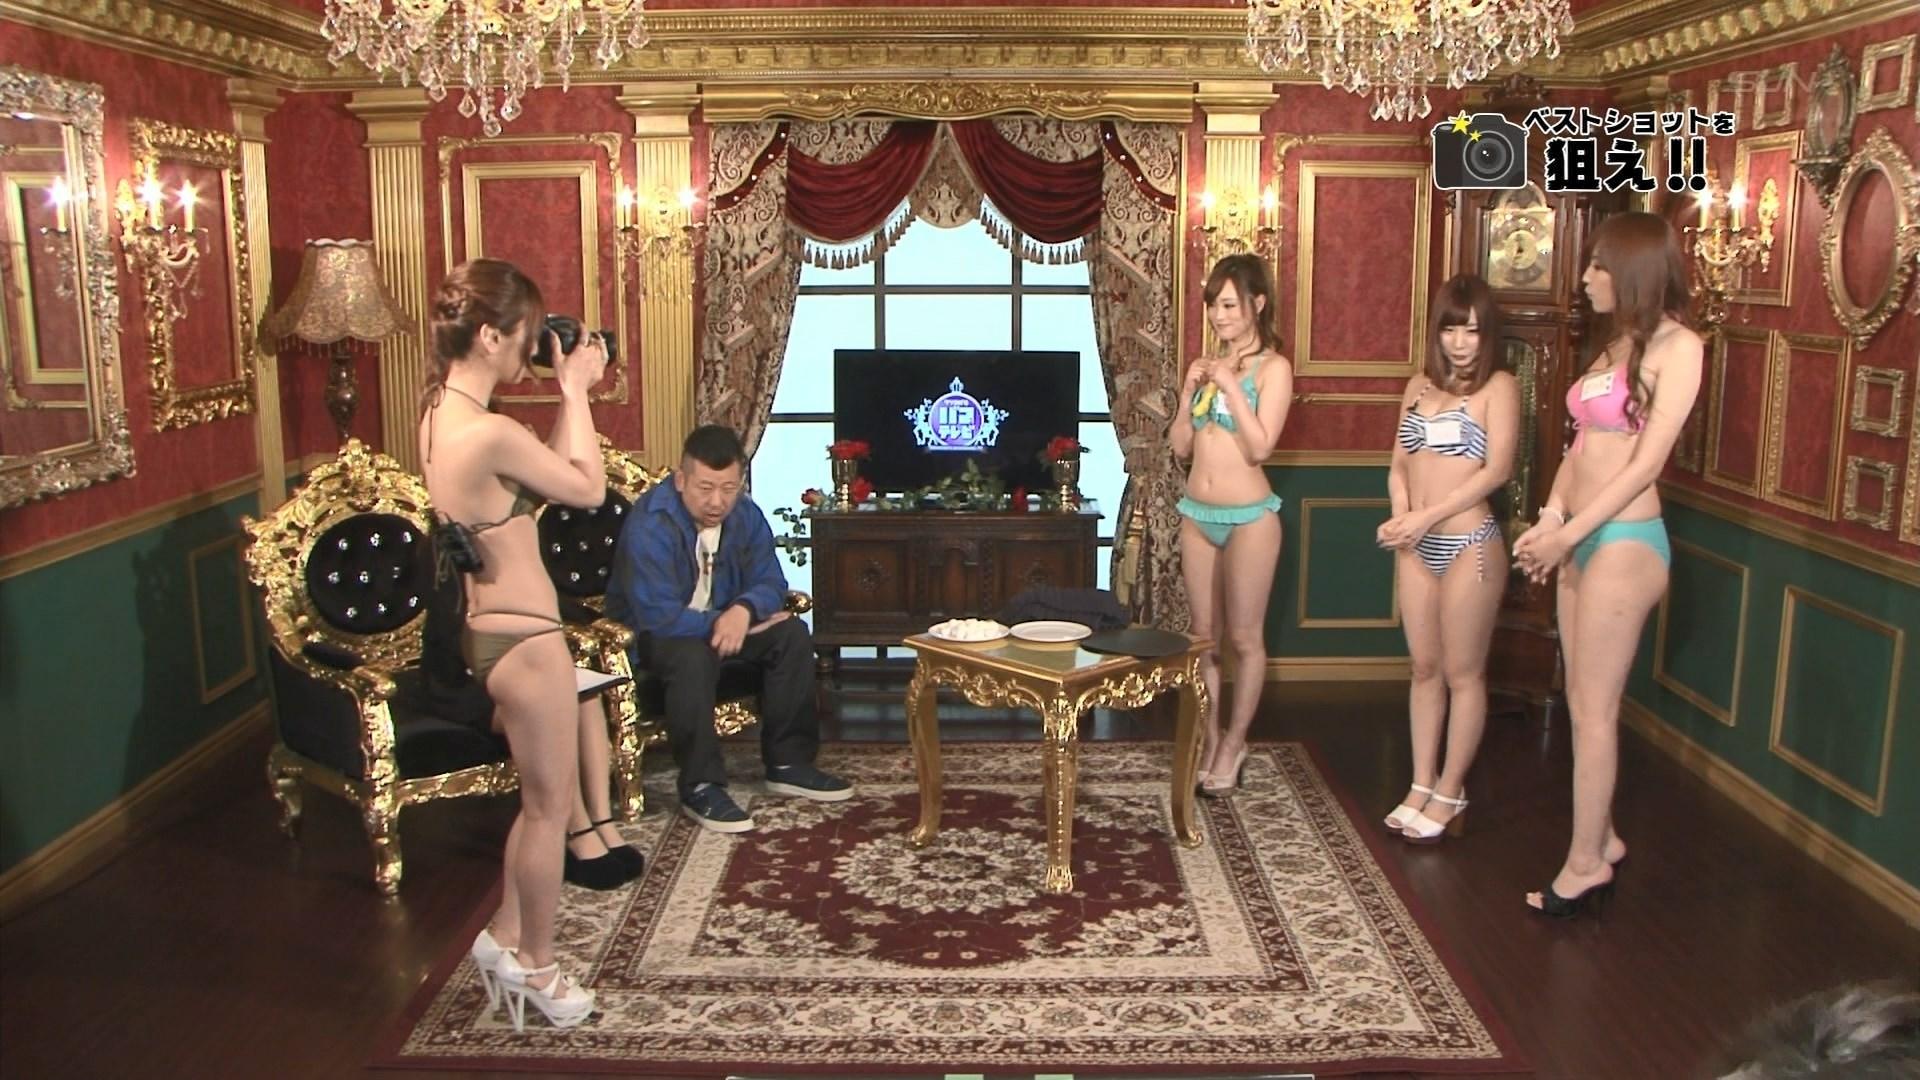 バコバコテレビ22